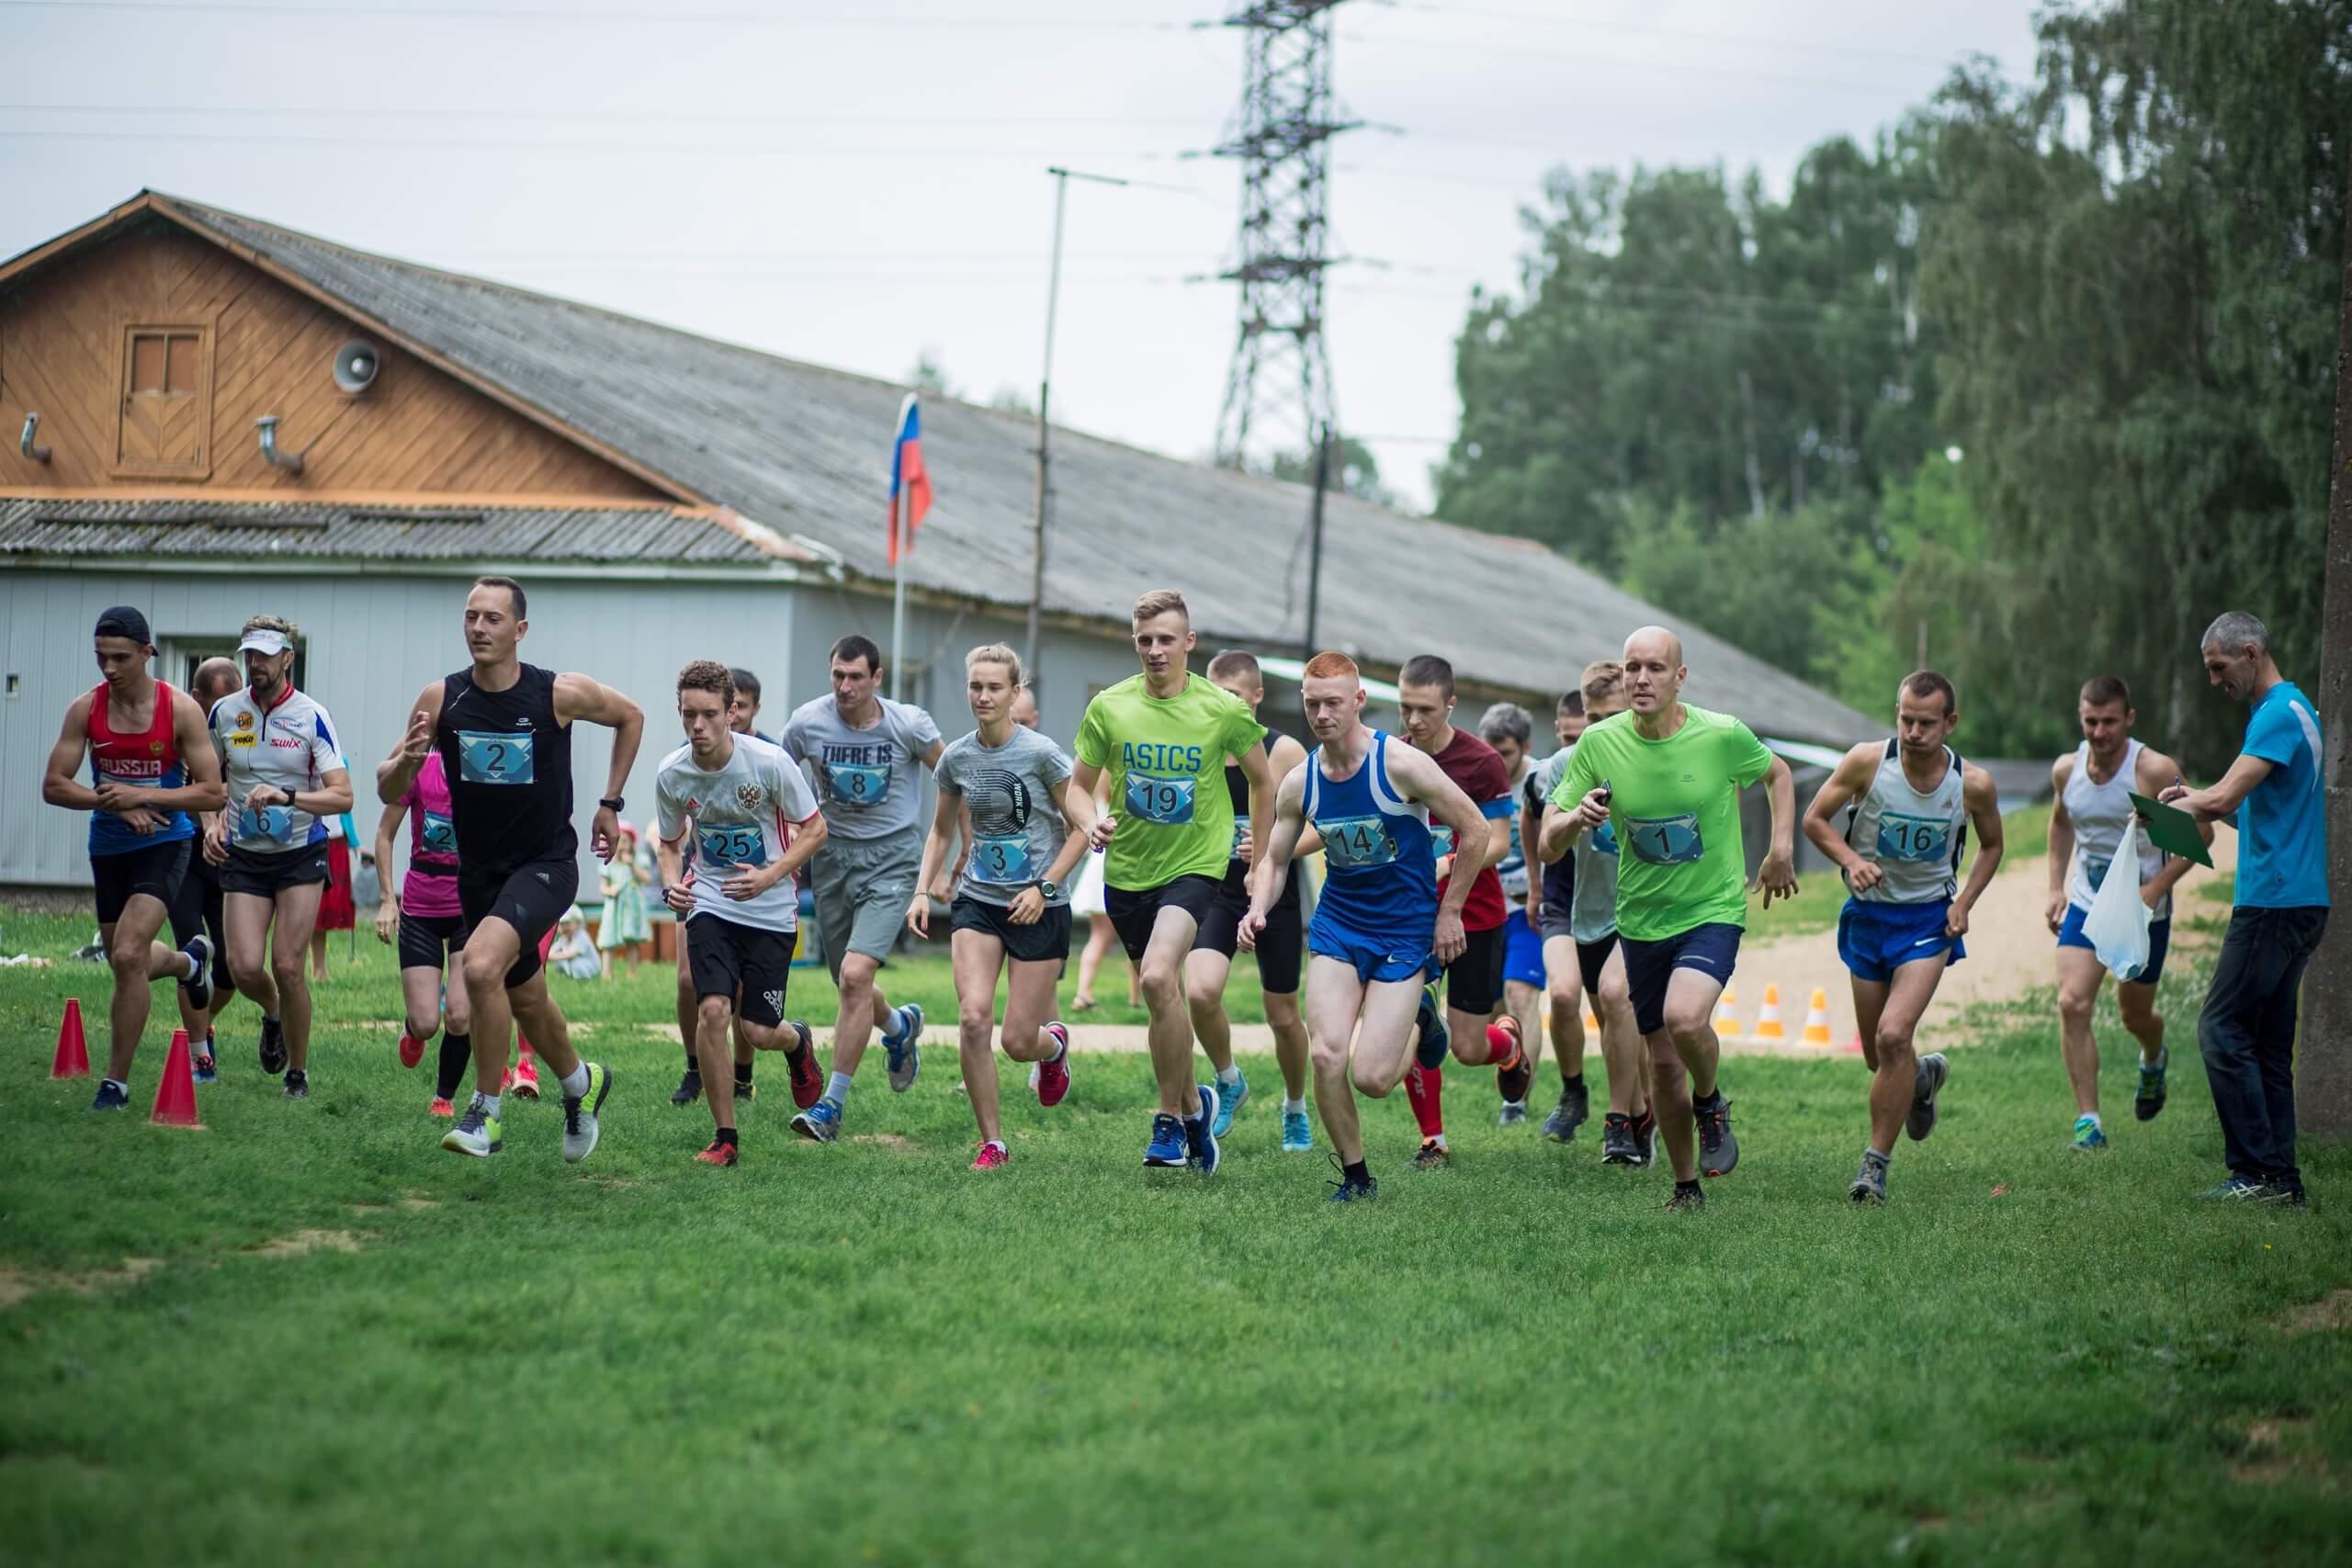 Фотографии с легкоатлетического Сгущёночного пробега 2018 в Ярославле